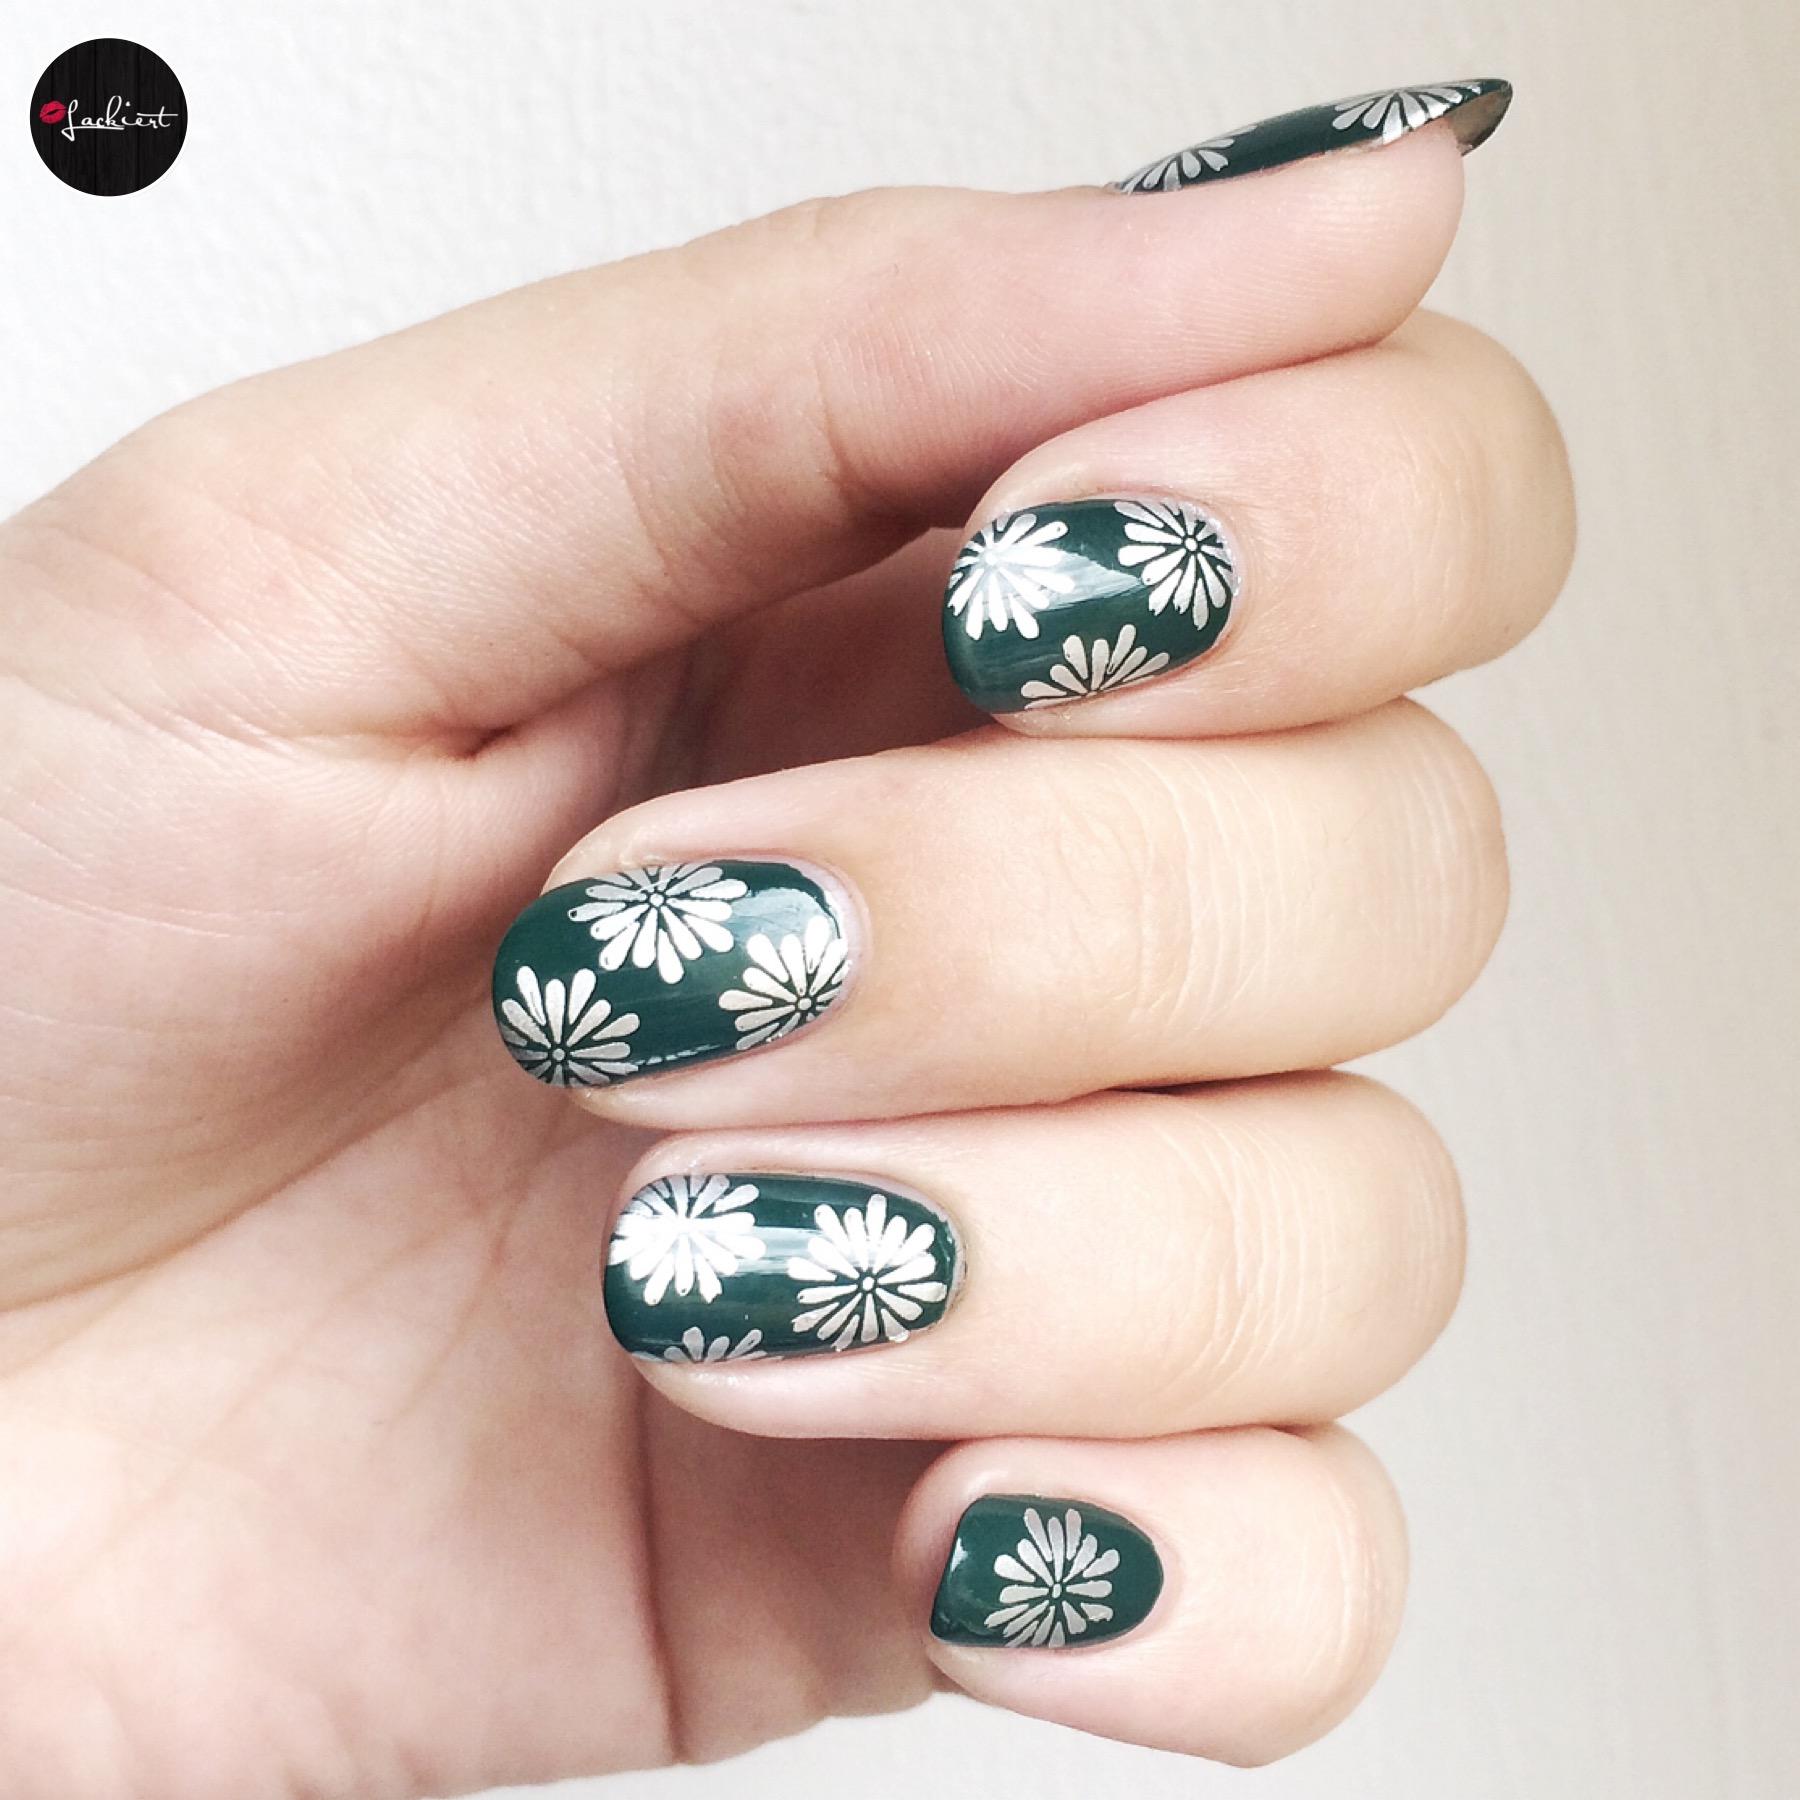 Herbstliche Nägel Grün Silber